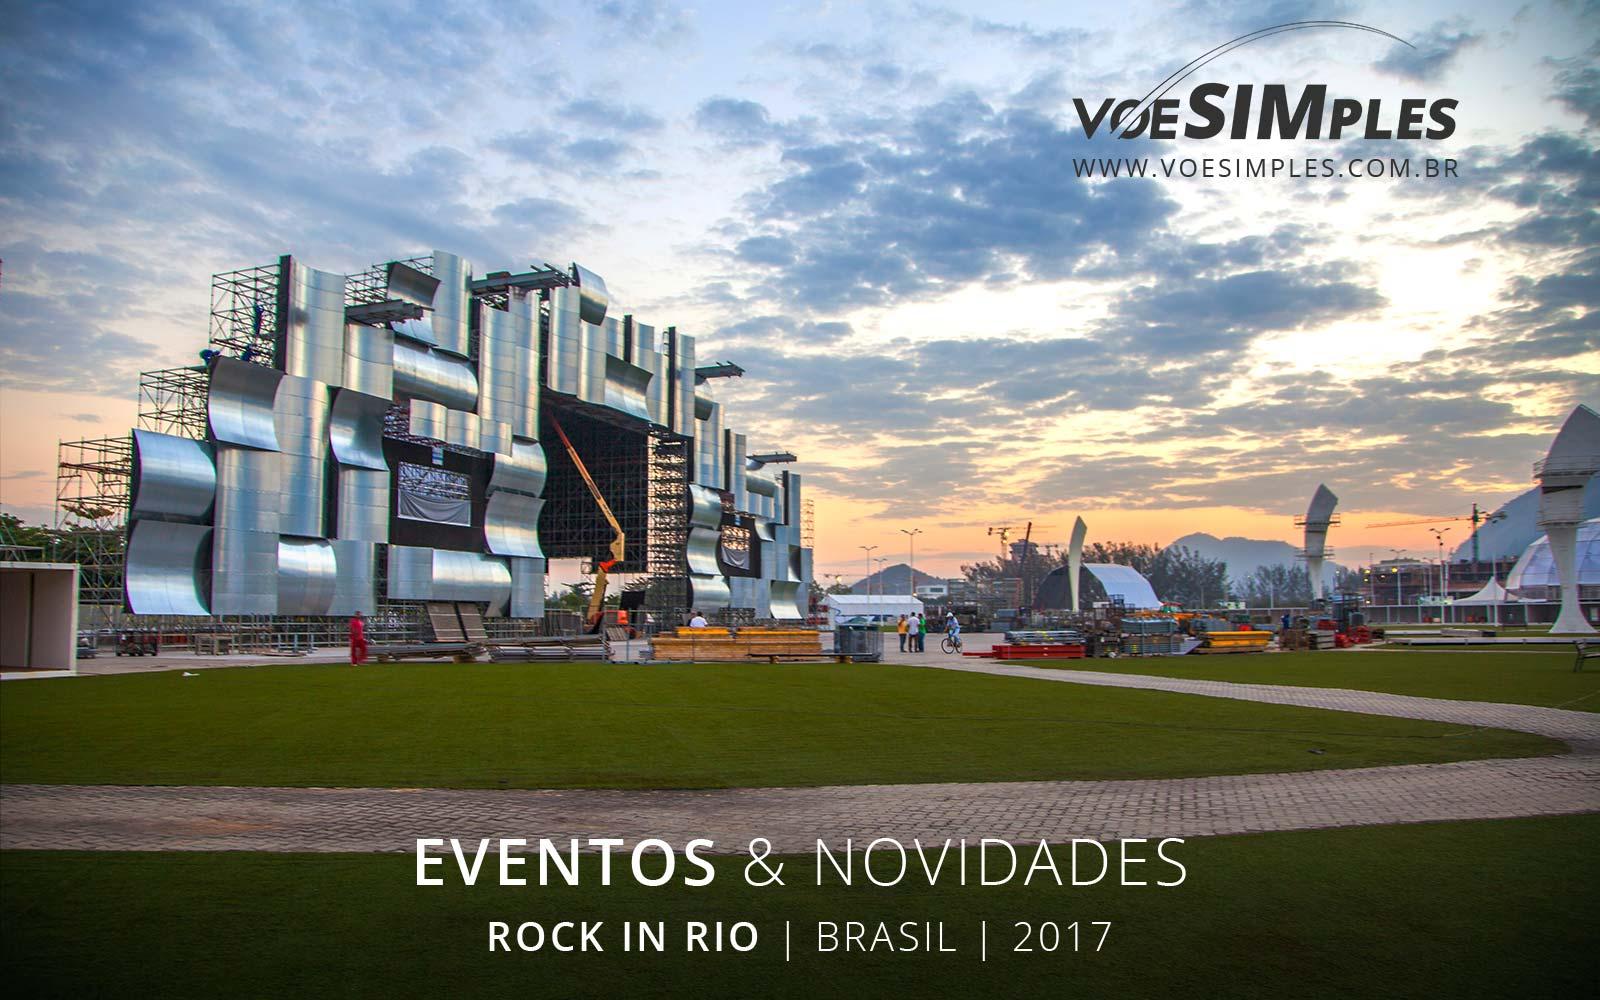 fotos-festival-rock-rio-brasil-2017-voesimples-passagem-aerea-promocional-rock-rio-promocao-passagens-aereas-rock-rio-2017-02